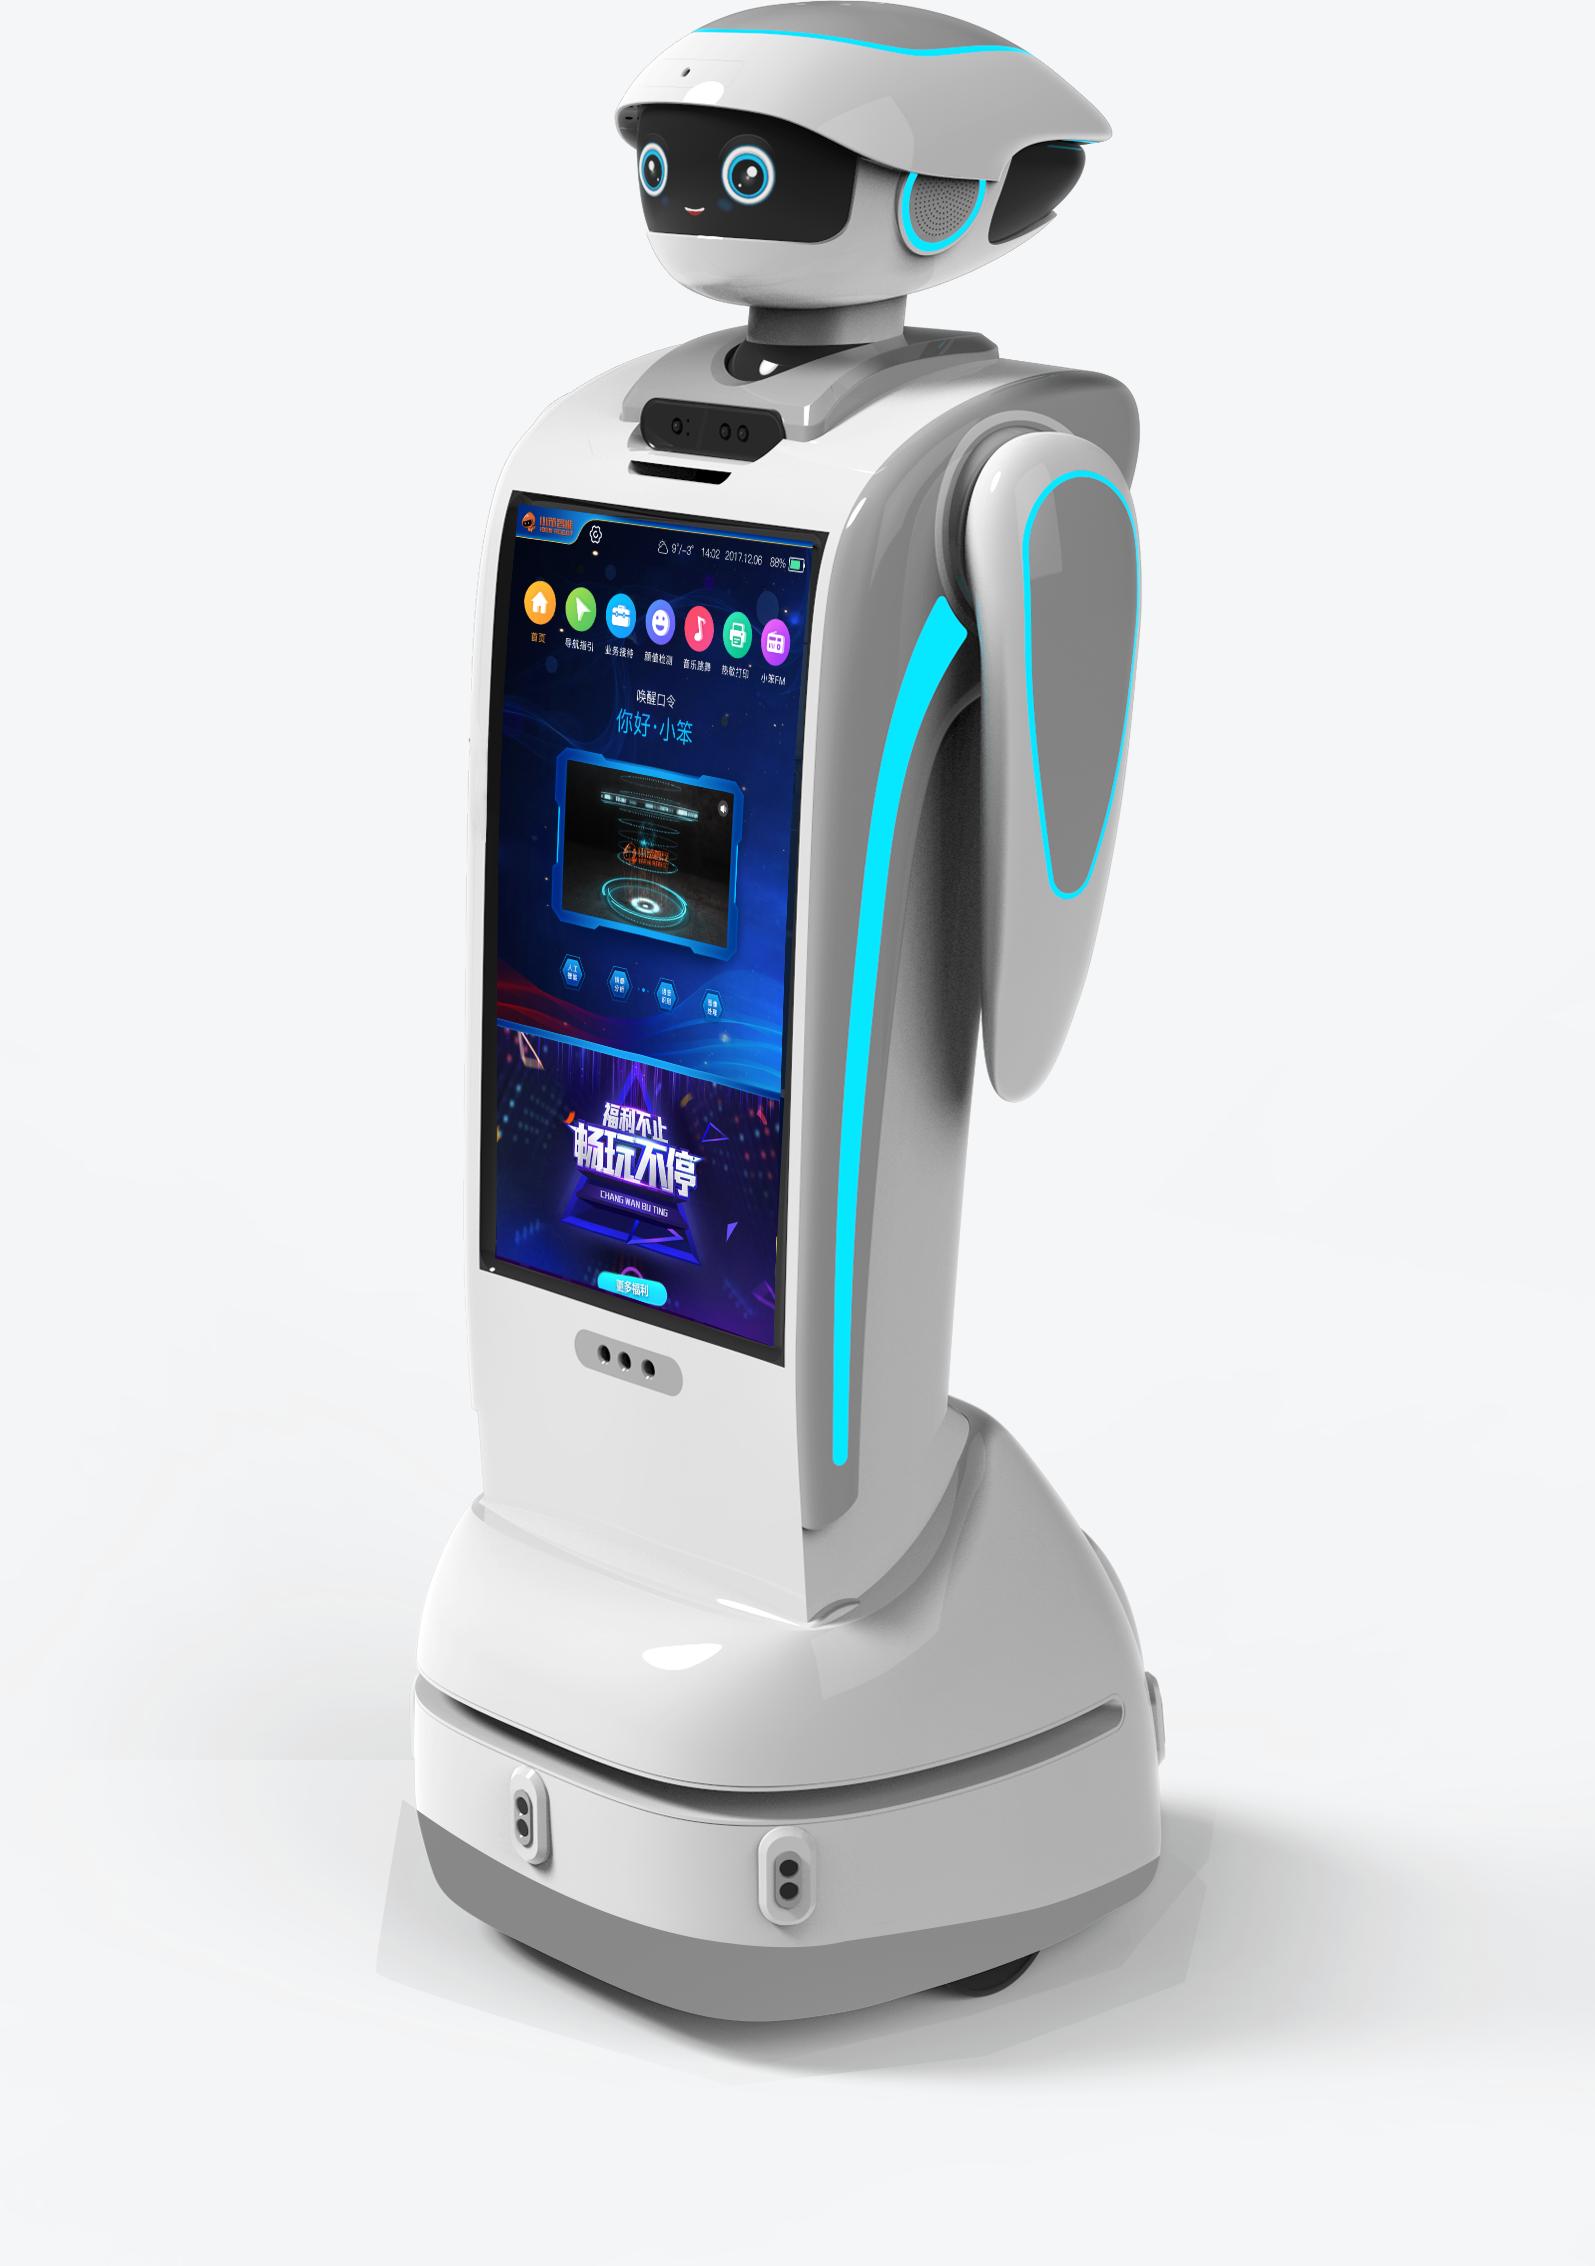 今甲Andy-3S智能商用服务机器人